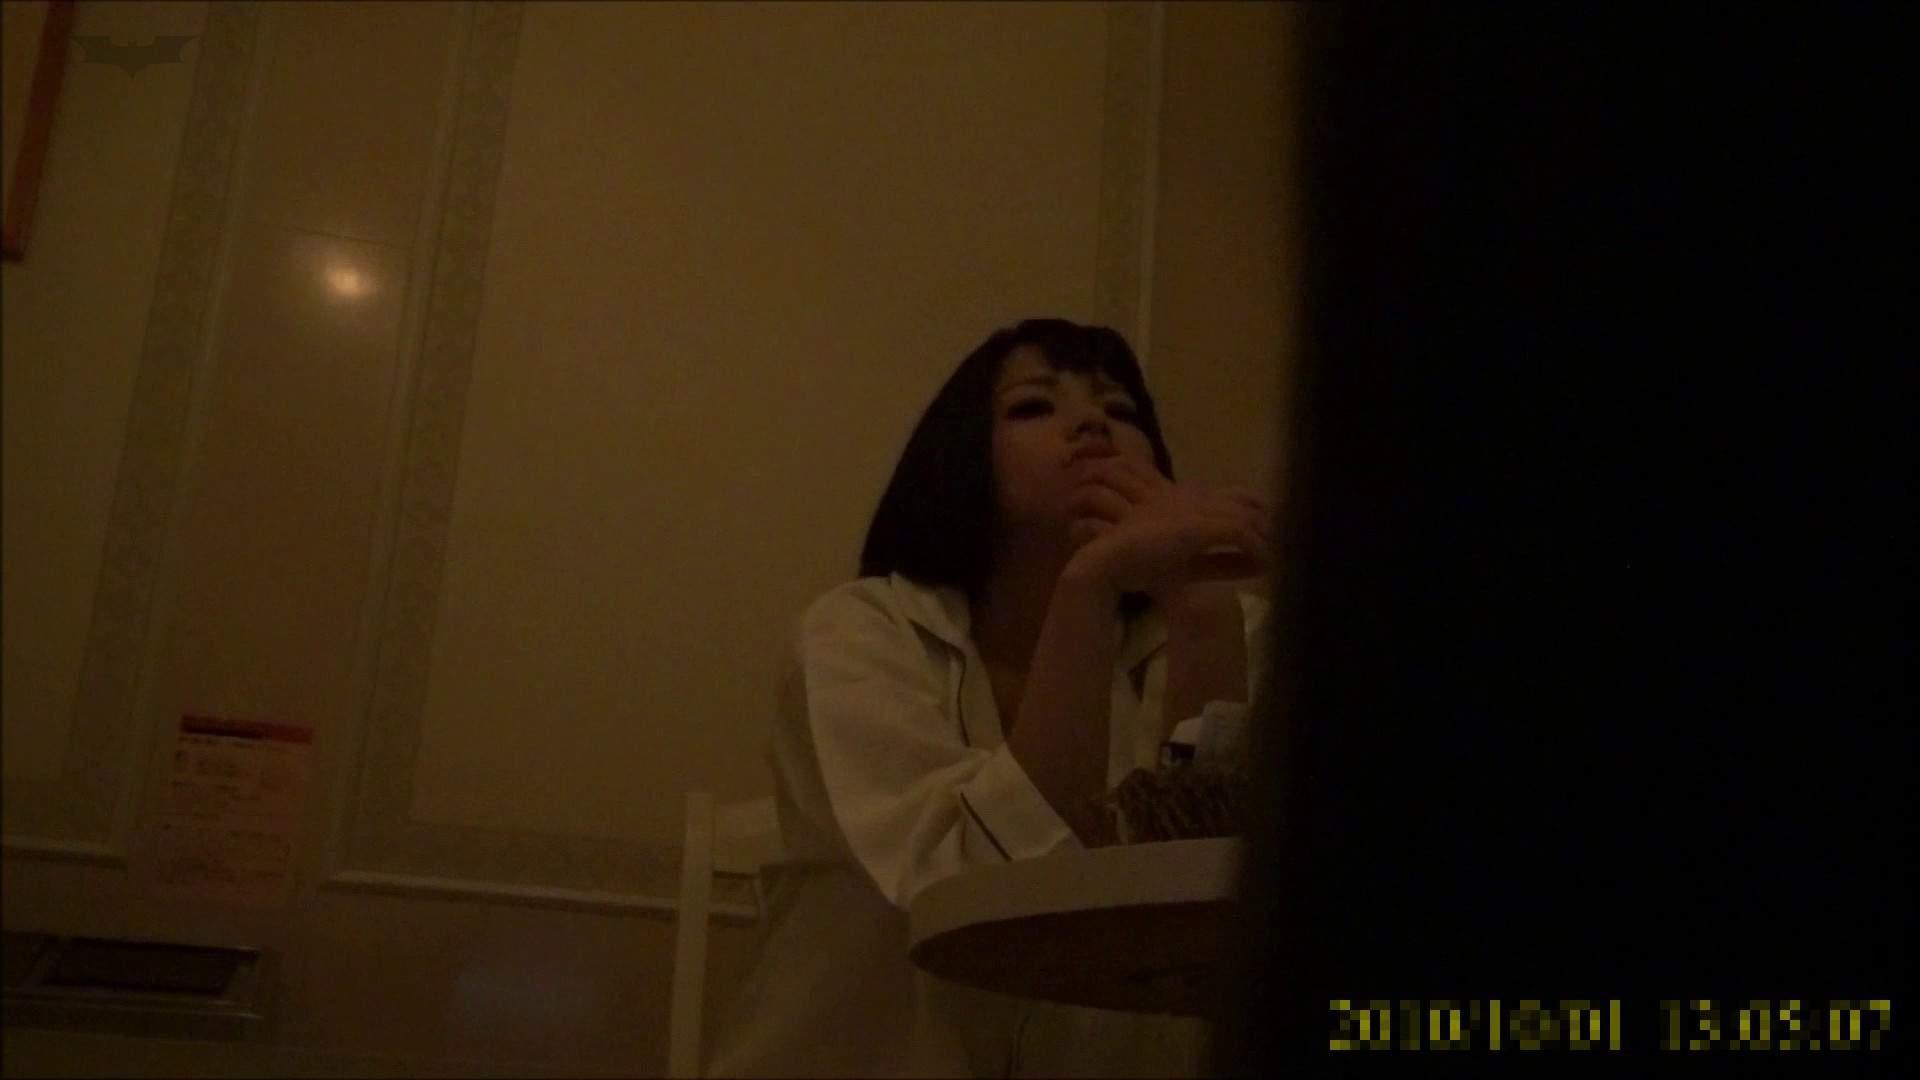 【未公開】vol.96 {茶髪→黒髪ギャル}美巨乳アミちゃん③【前編】 シャワー室 われめAV動画紹介 79枚 7